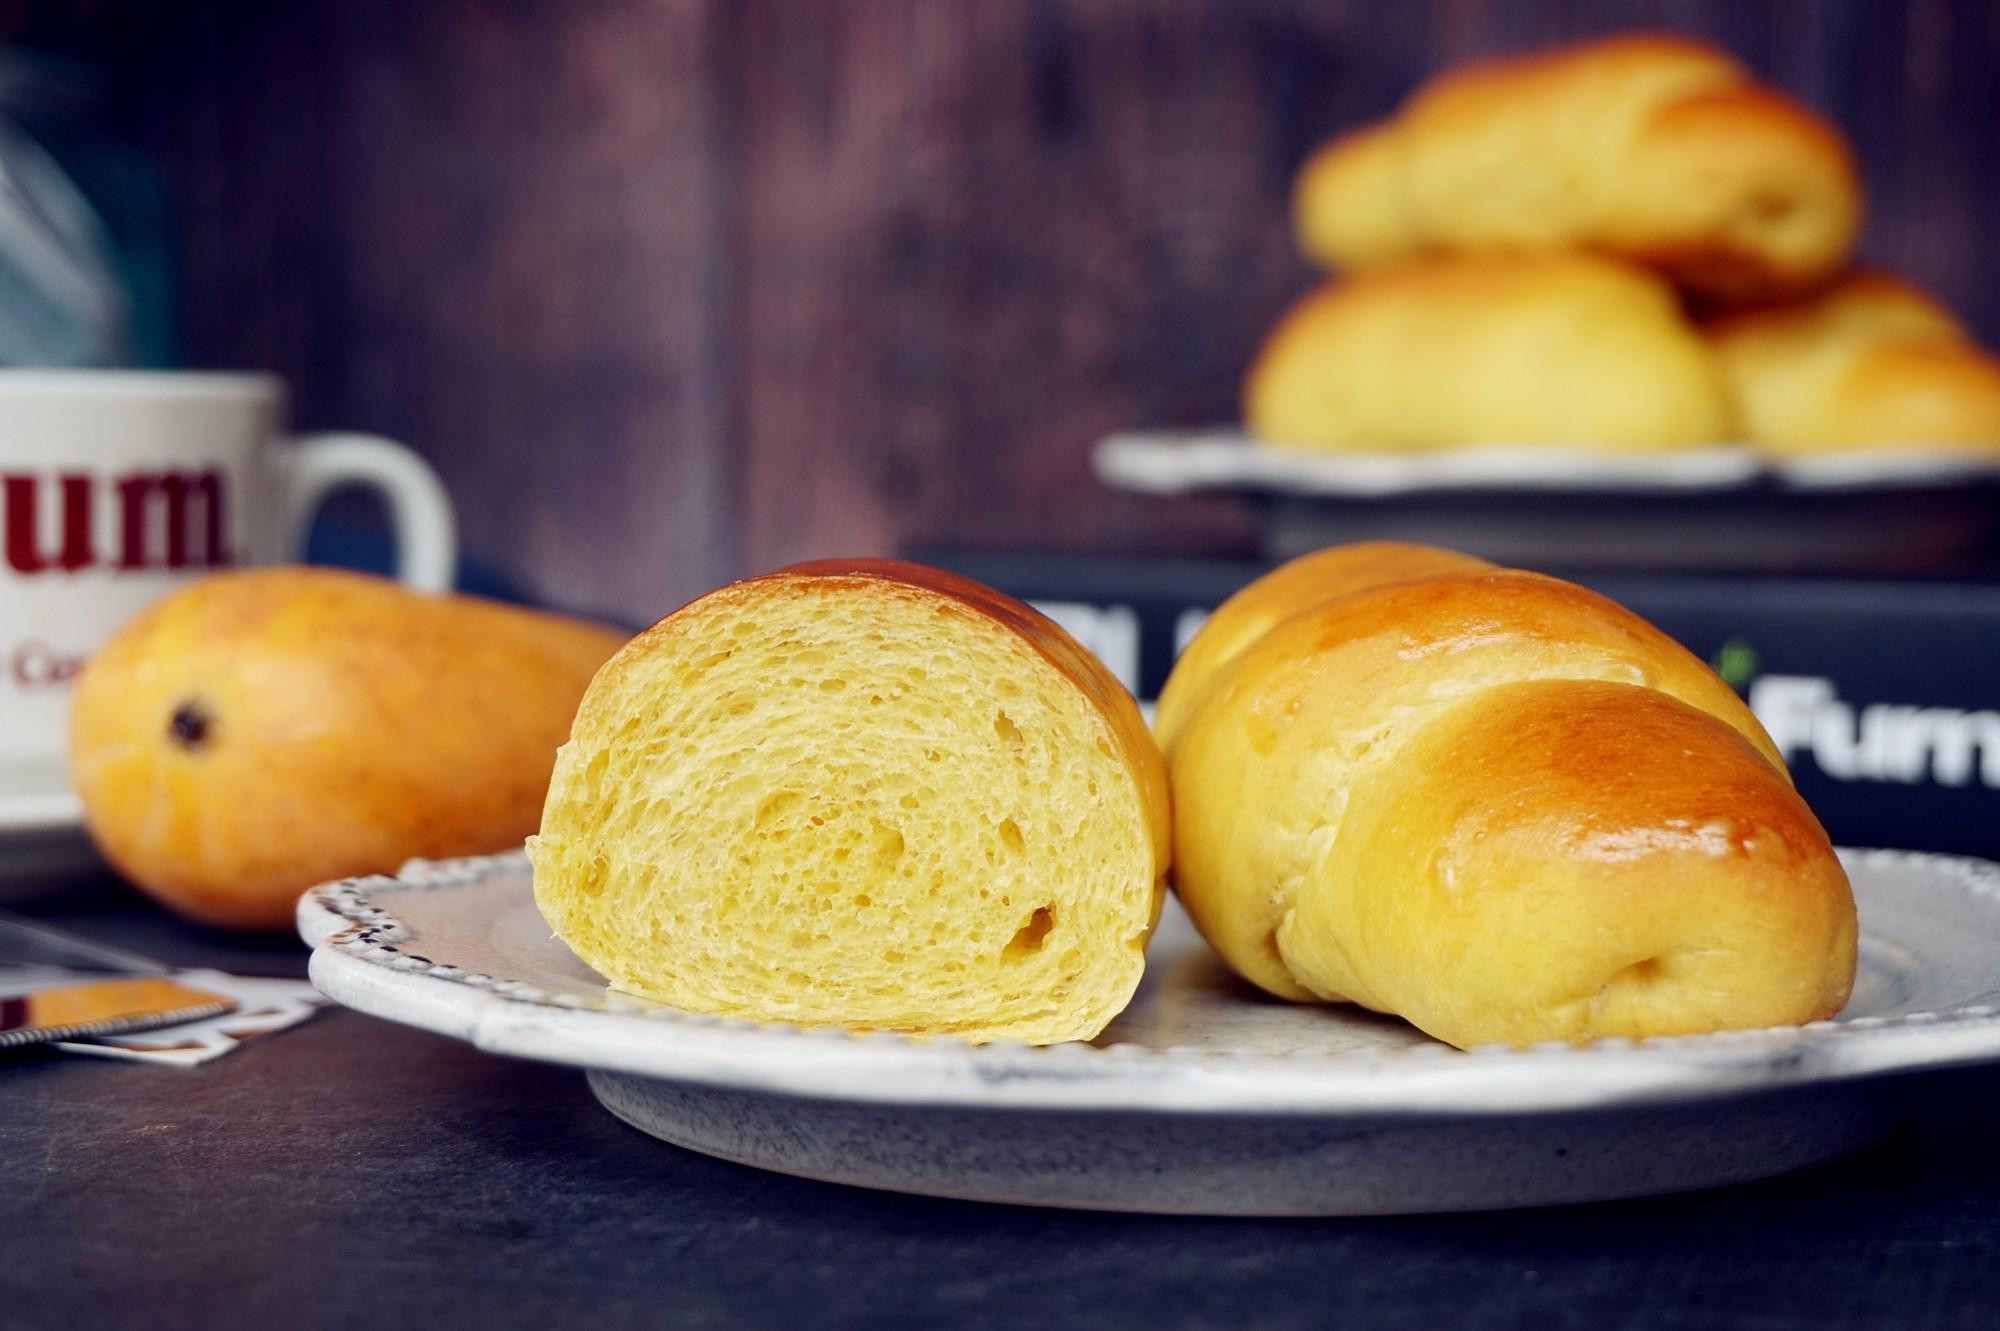 Bánh mì xoài mềm ngọt thơm lừng - Ảnh 6.